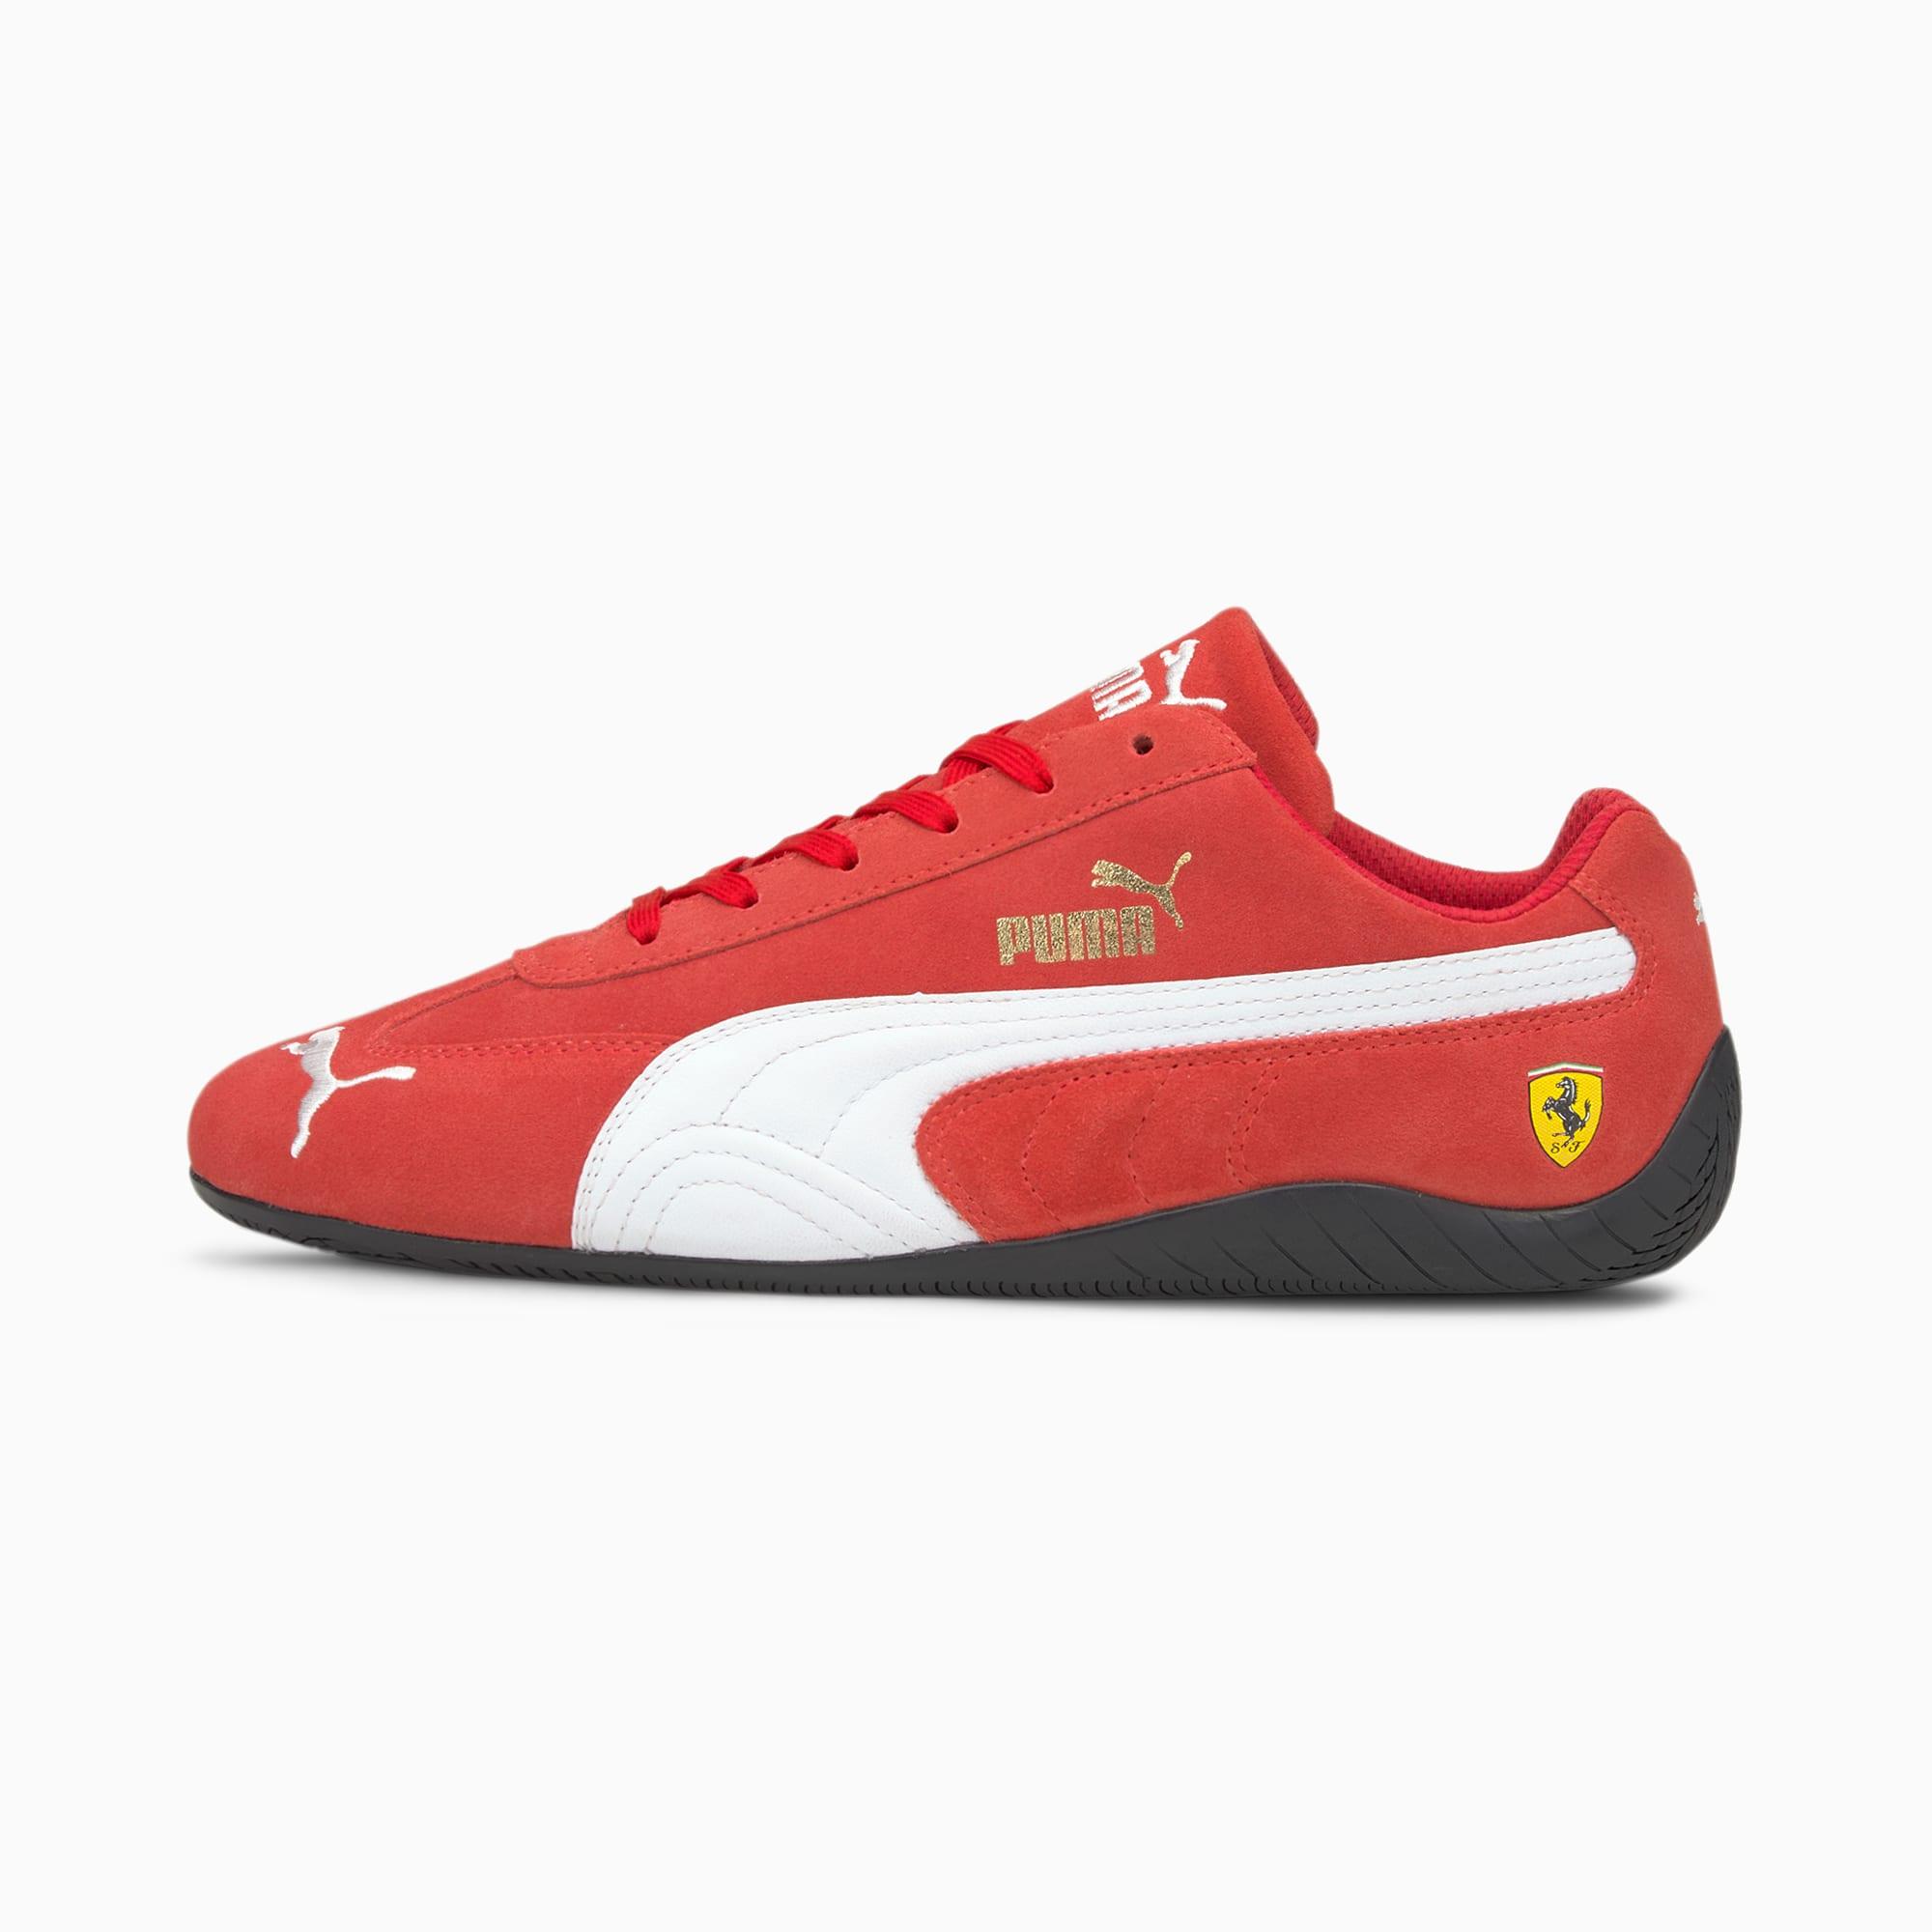 Scuderia Ferrari Speedcat Motorsportschuhe Rosso Corsa Puma White Puma Damen Kollektion Puma Deutschland